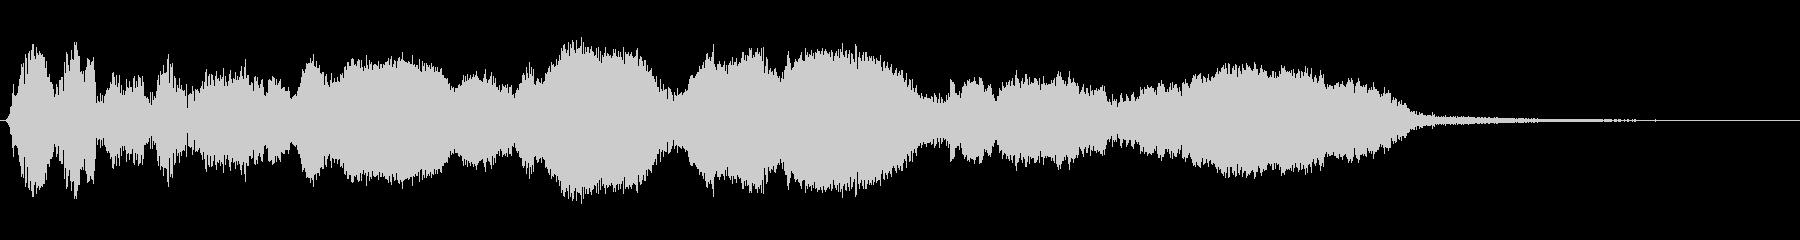 ミュートされた電子静的ベッド1の未再生の波形